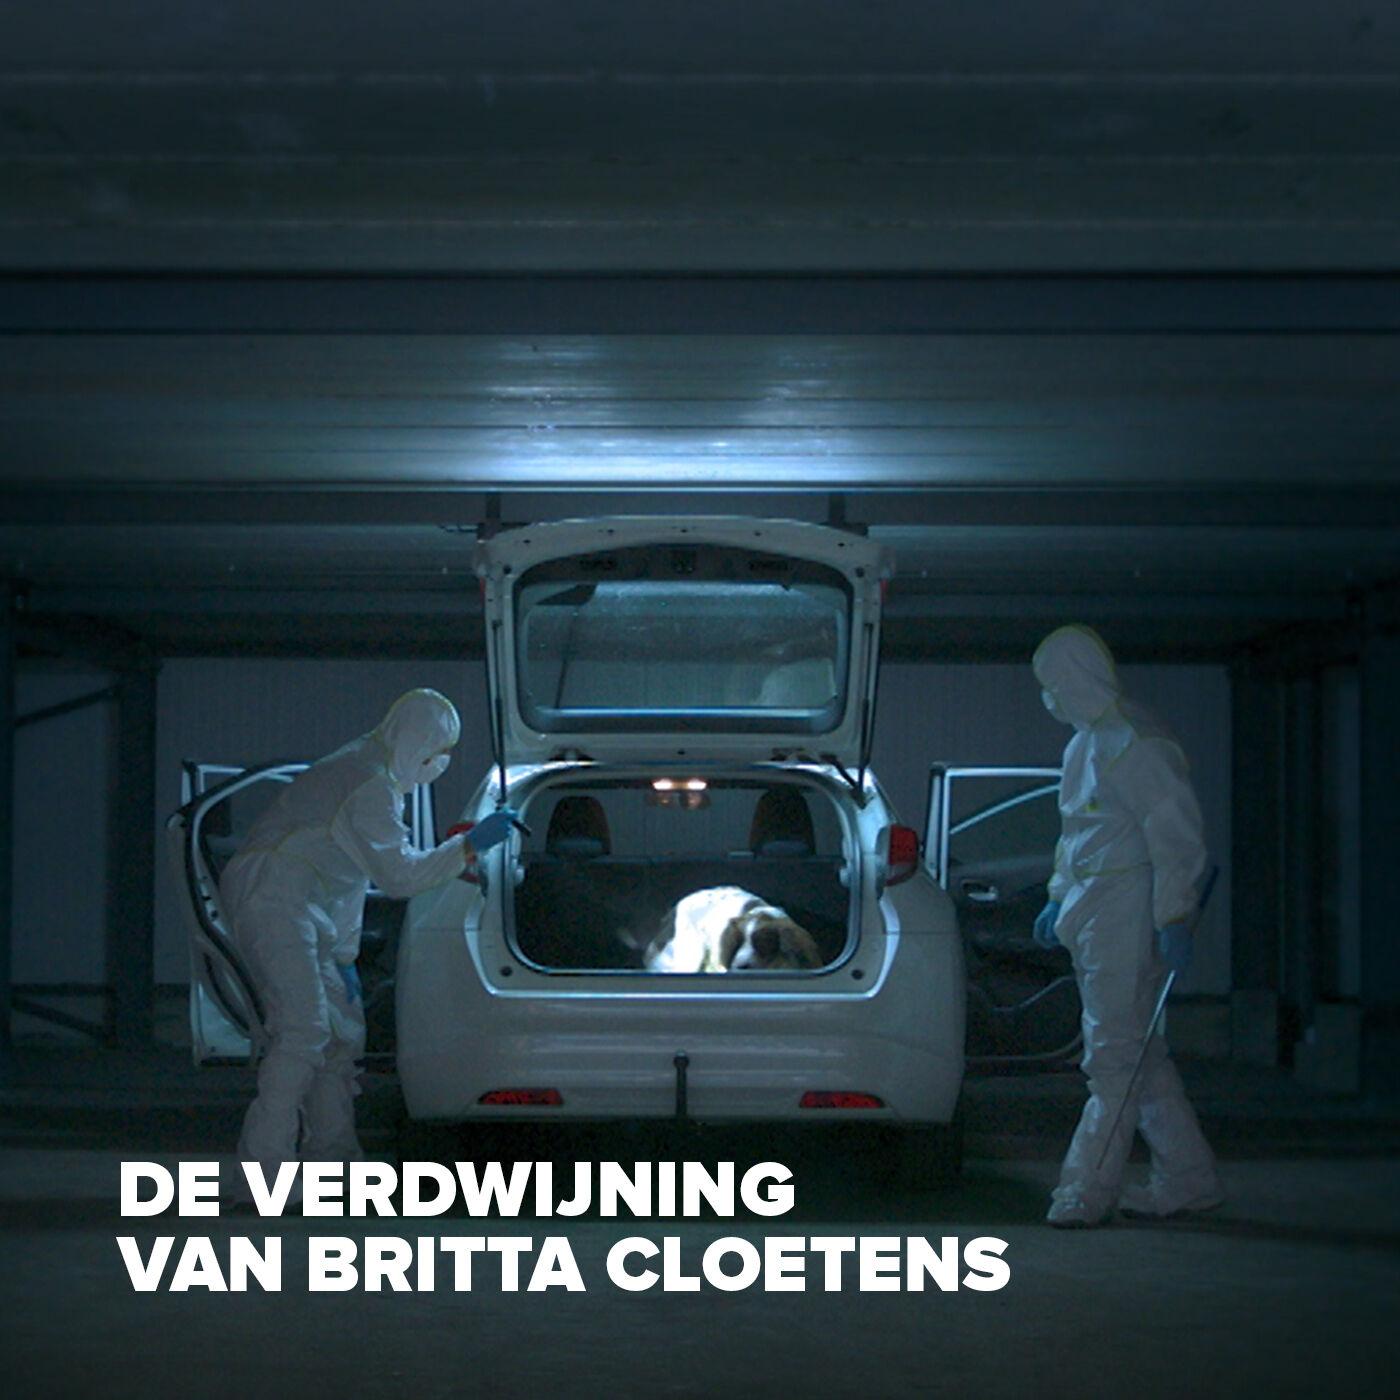 De verdwijning van Britta Cloetens - aflevering 1